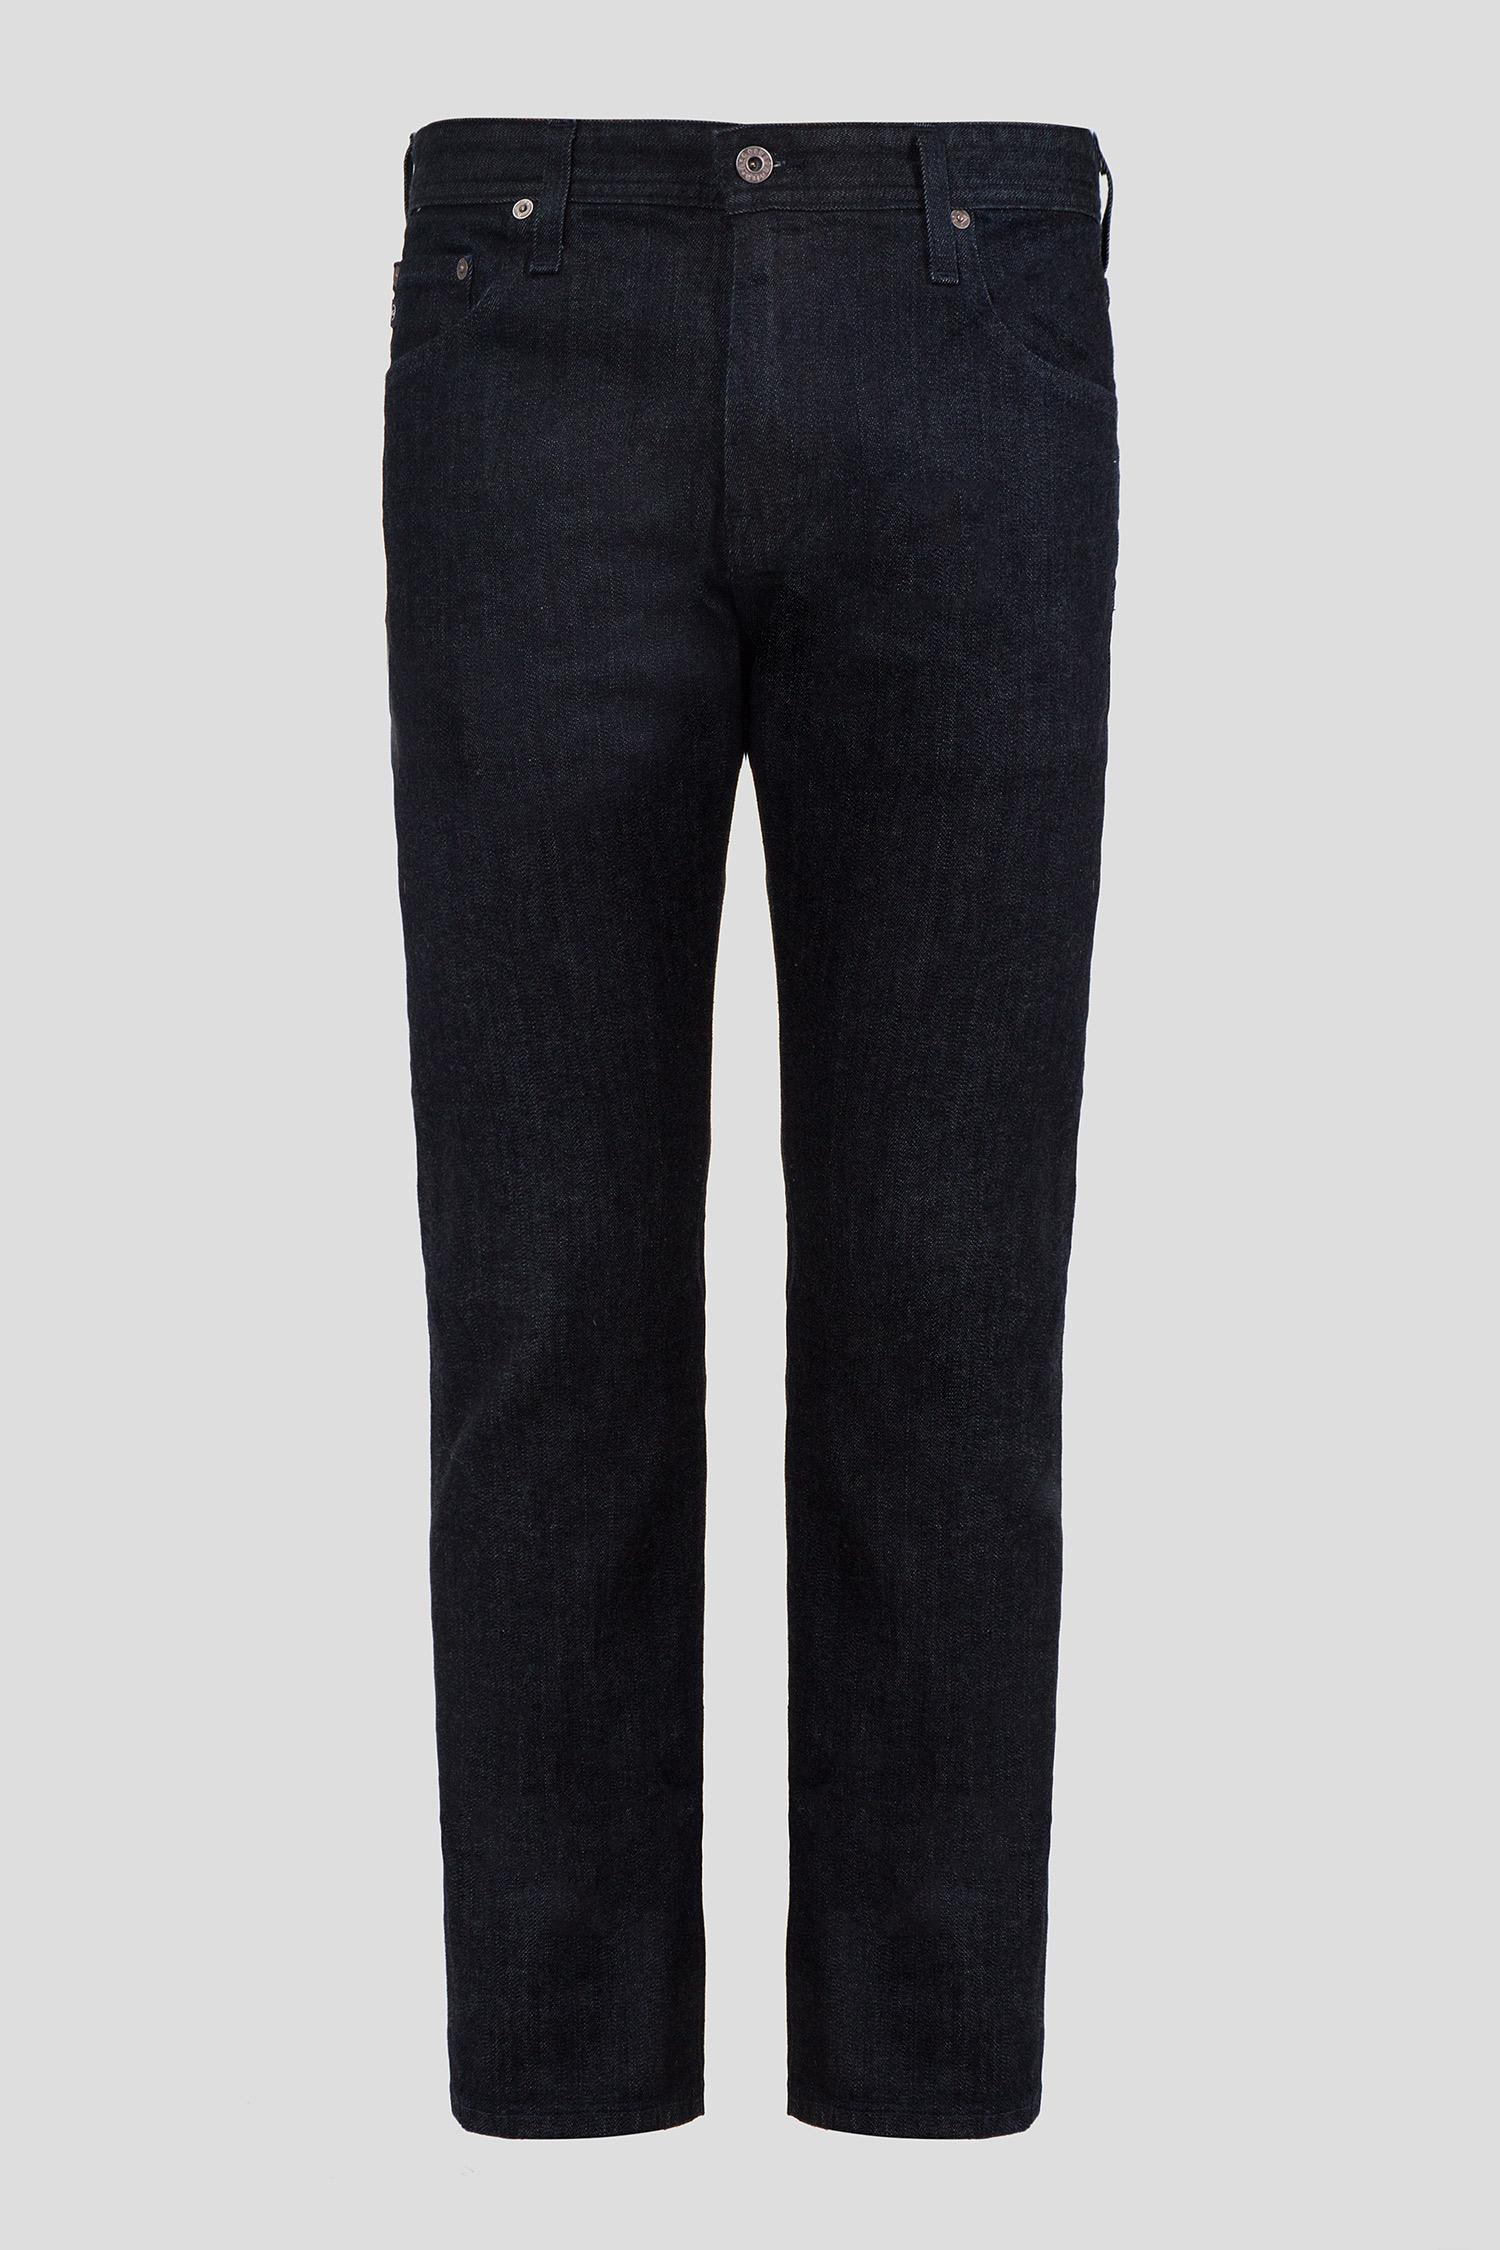 Мужские темно-синие джинсы The Matchbox AG